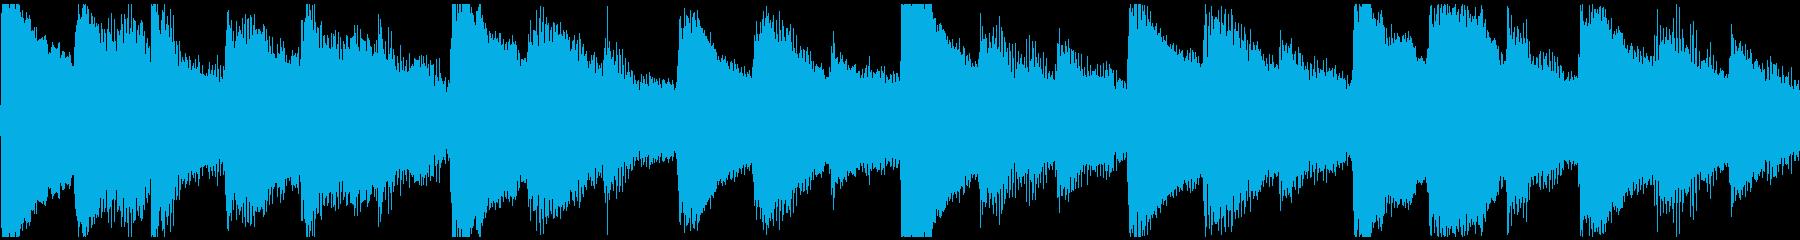 感動表現、CM,ブライダル、ループ3の再生済みの波形